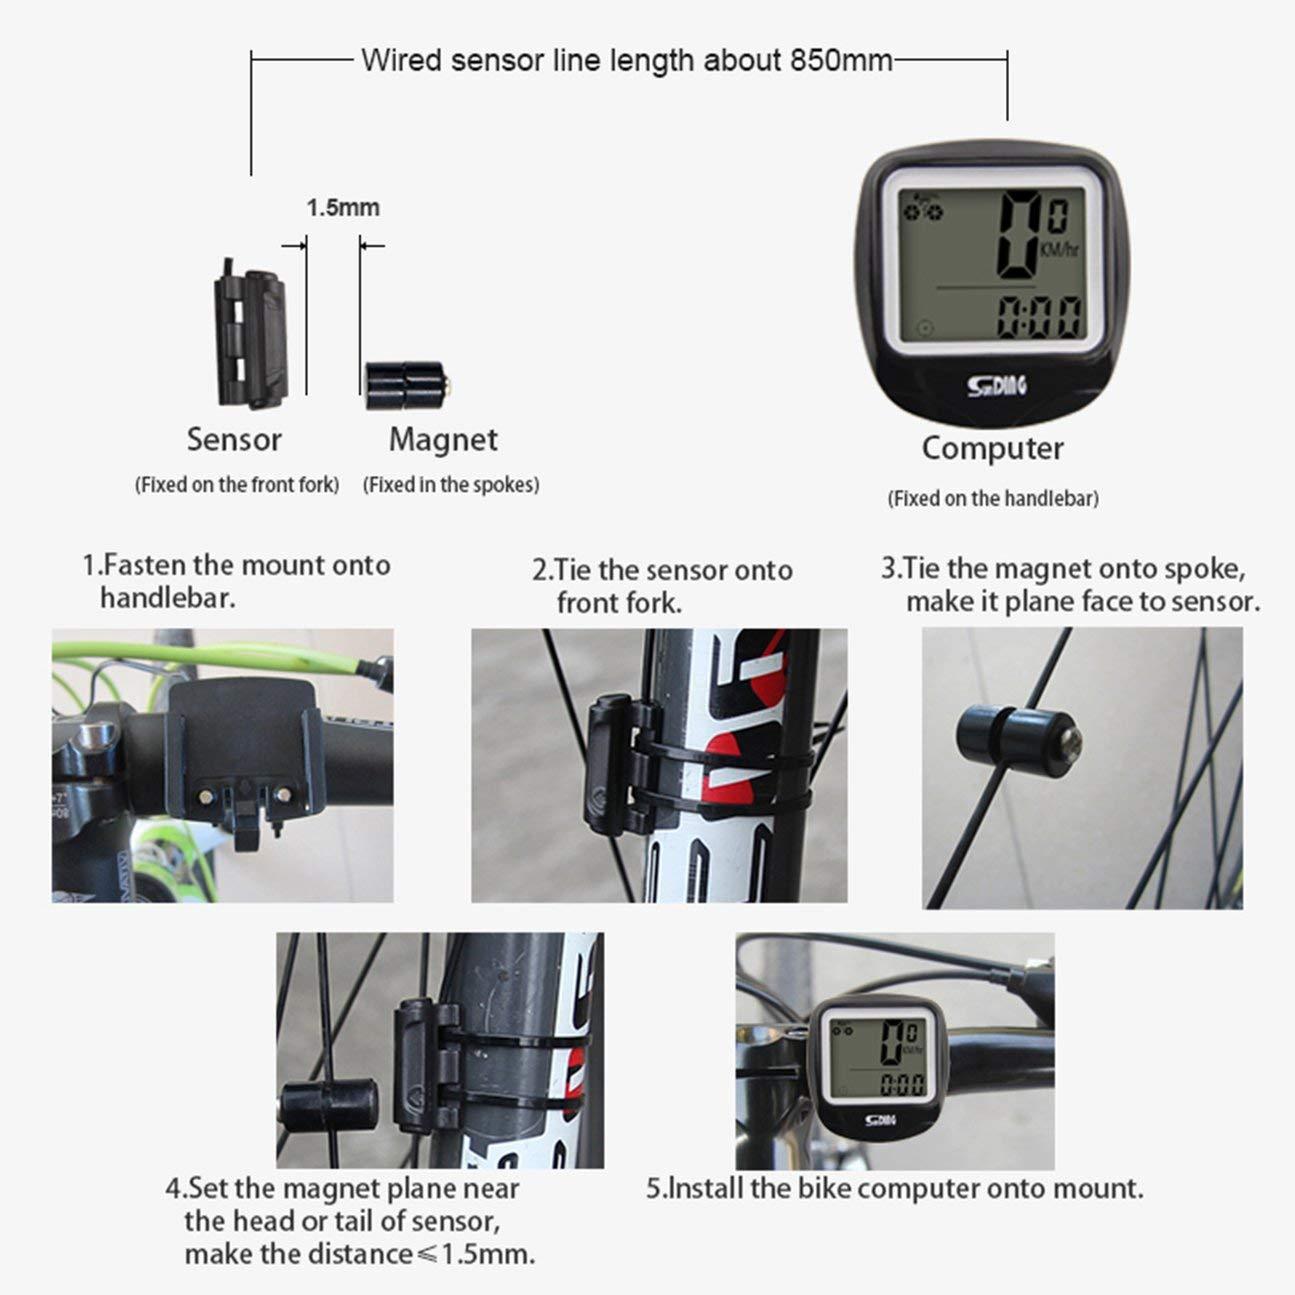 MachinYesell SUNDING Compteur De V/élo Compteur De Vitesse sans Fil /Étanche V/élo V/élo Compteur De V/élo Ordinateur Multi-Fonctions LCD Affichage R/étro-/Éclairage